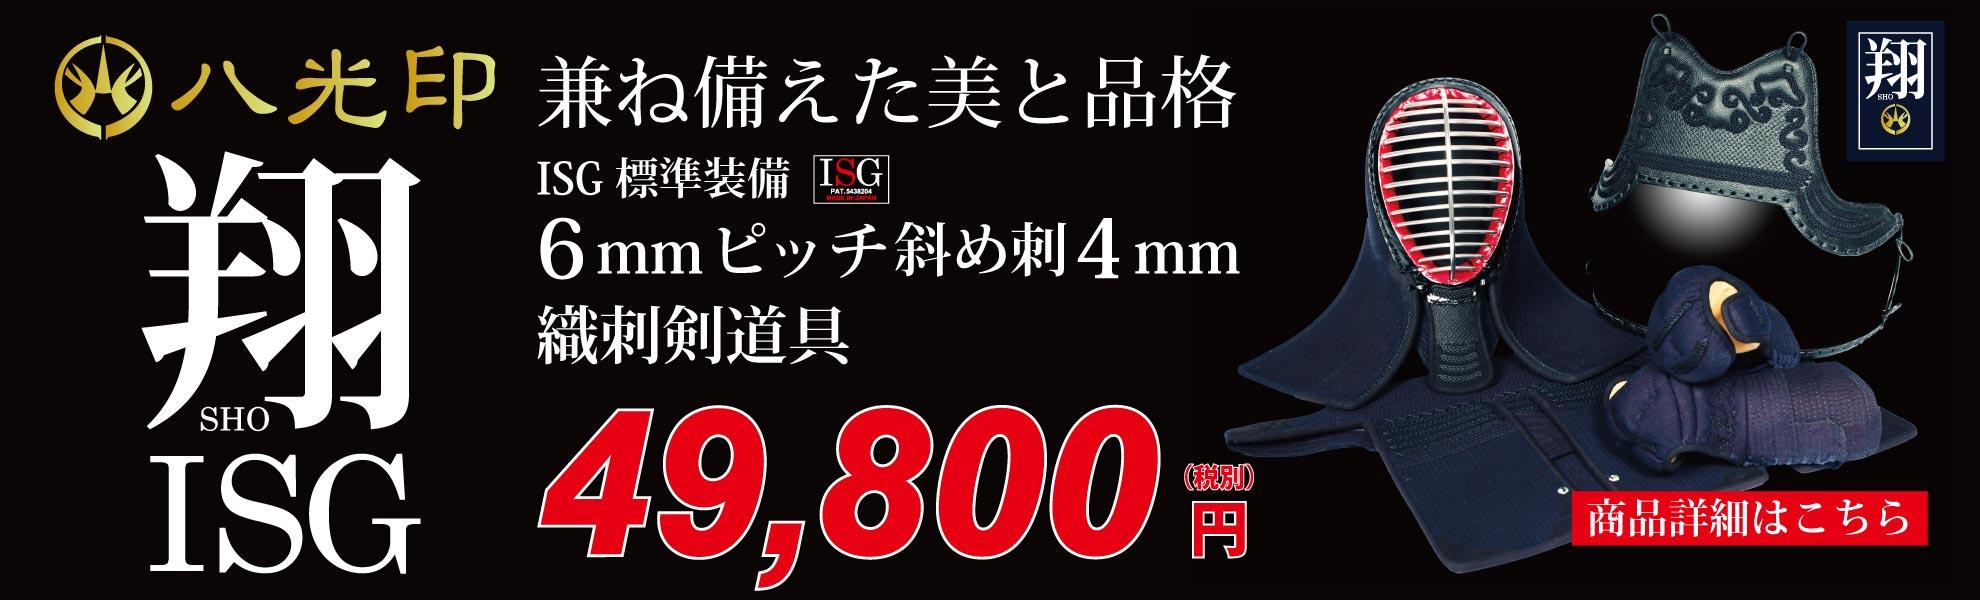 6mmピッチ斜め刺4mm織刺剣道防具セット「翔」